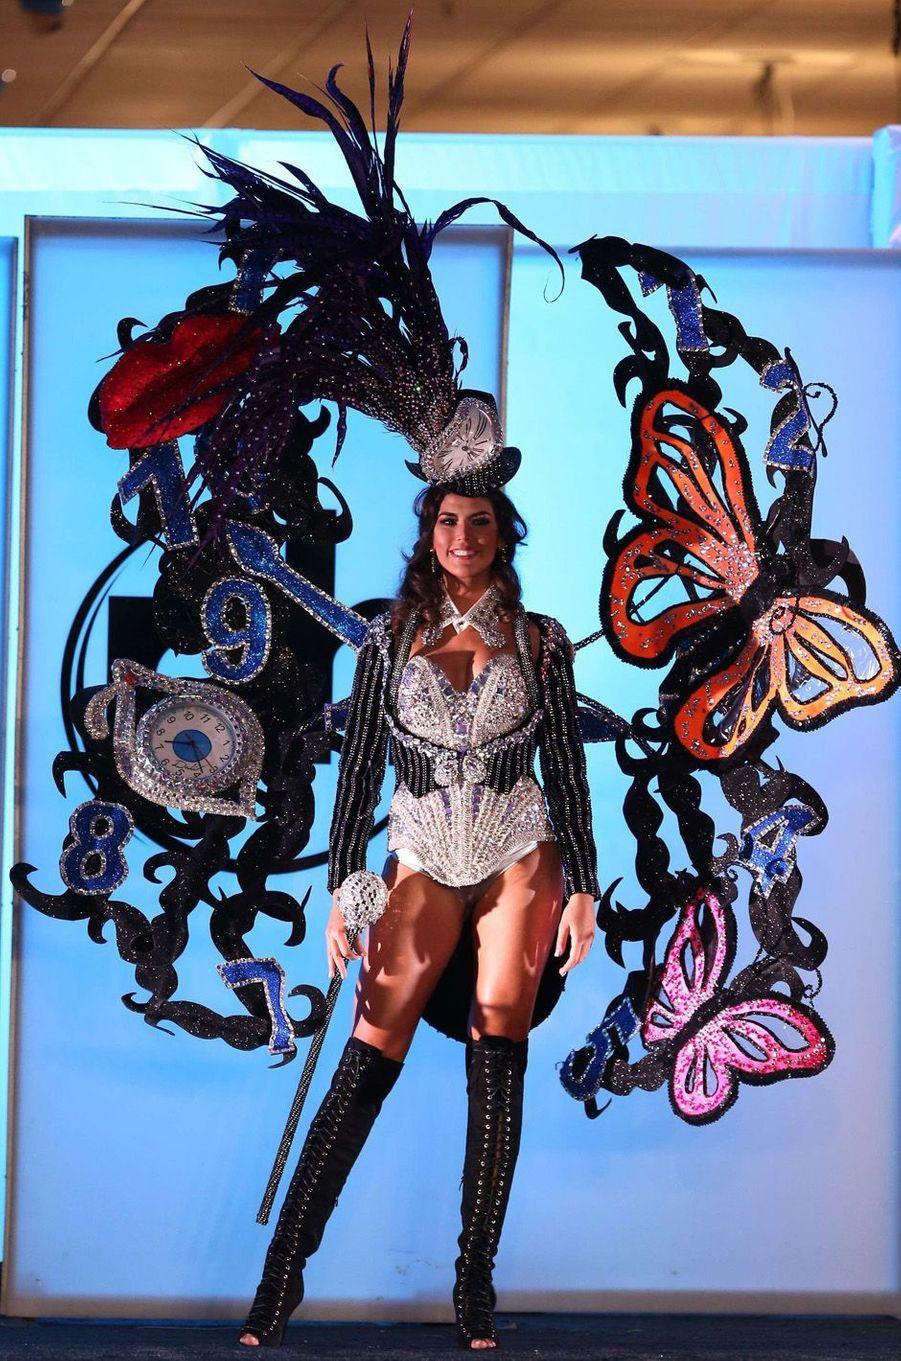 Sofia del Prado, Miss Espagne,en costume national pour le concours Miss Univers, le 18 novembre 2017 à Las Vegas.